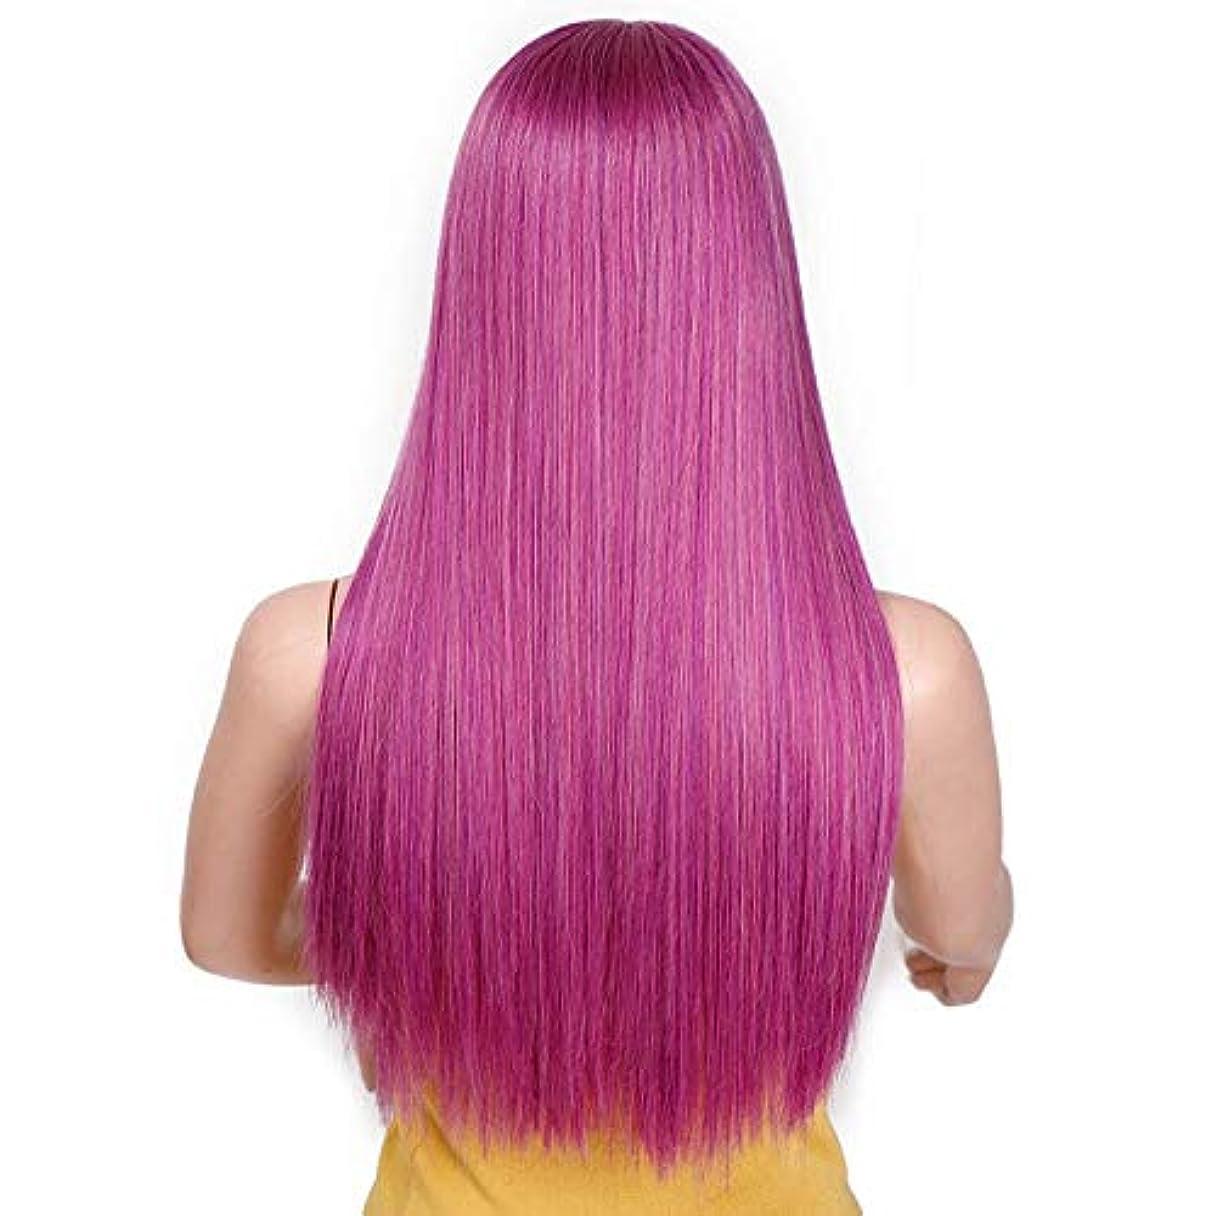 関税例示するフリンジ美しく 22「」女性のコスプレヘアウィッグ耐熱ブラックかつら私のかつらのためのロングストレート613のブロンド合成ウィッグ付き前髪 (Color : Purple, Stretched Length : 22inches)